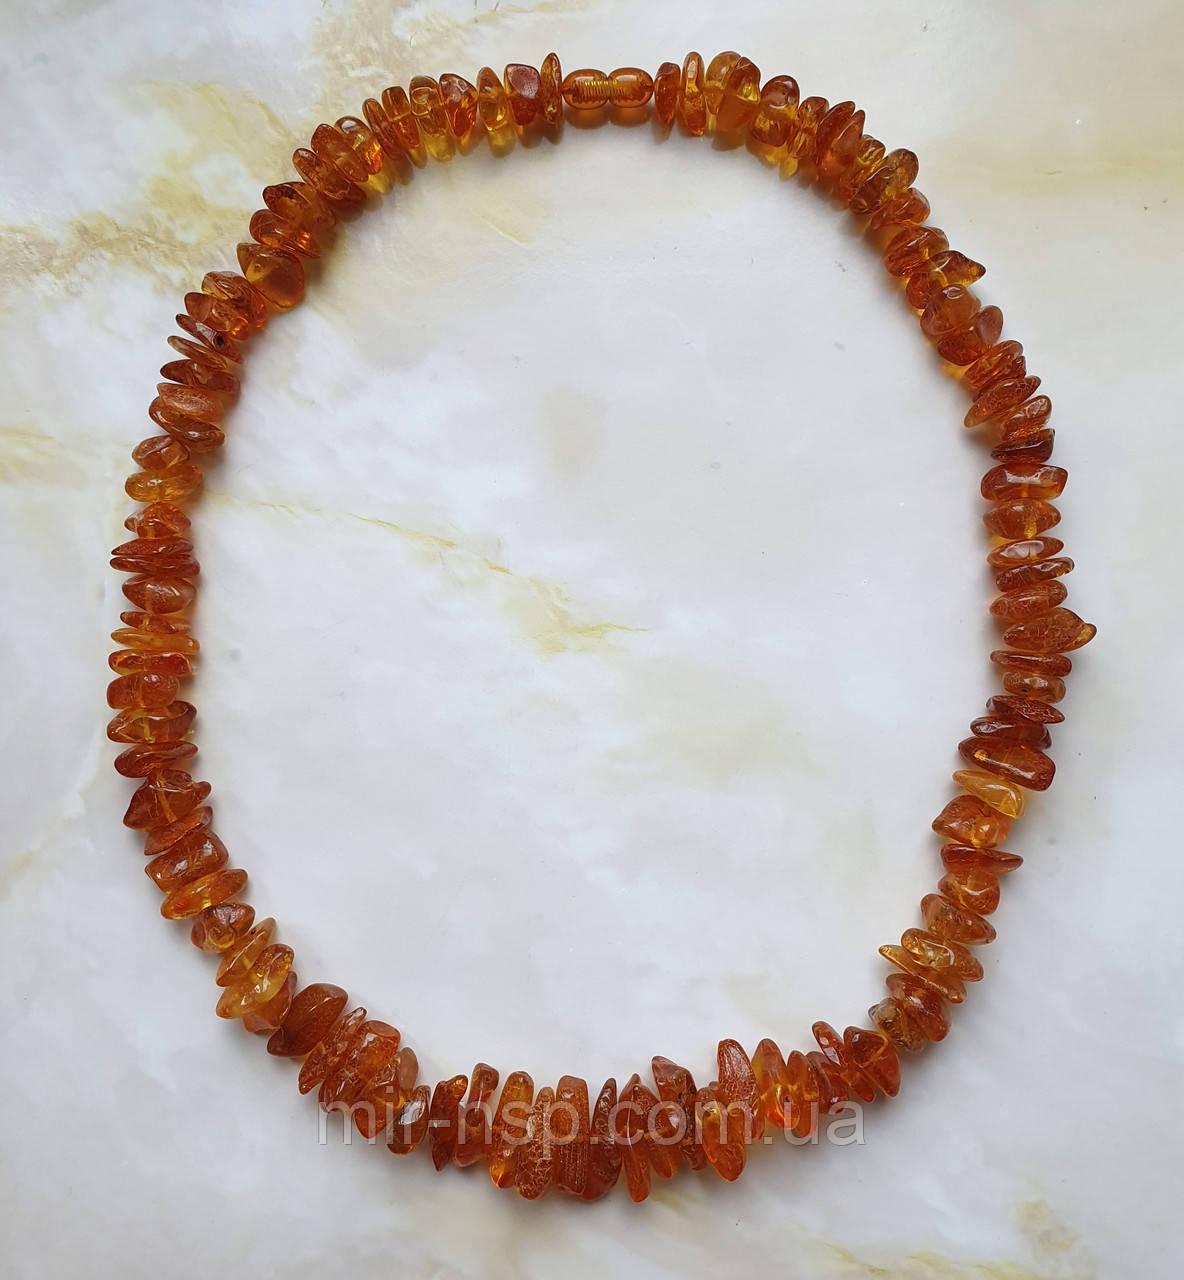 Намисто 100% натуральний бурштин (не прес, не плавка) вага 46г довжина 54 см